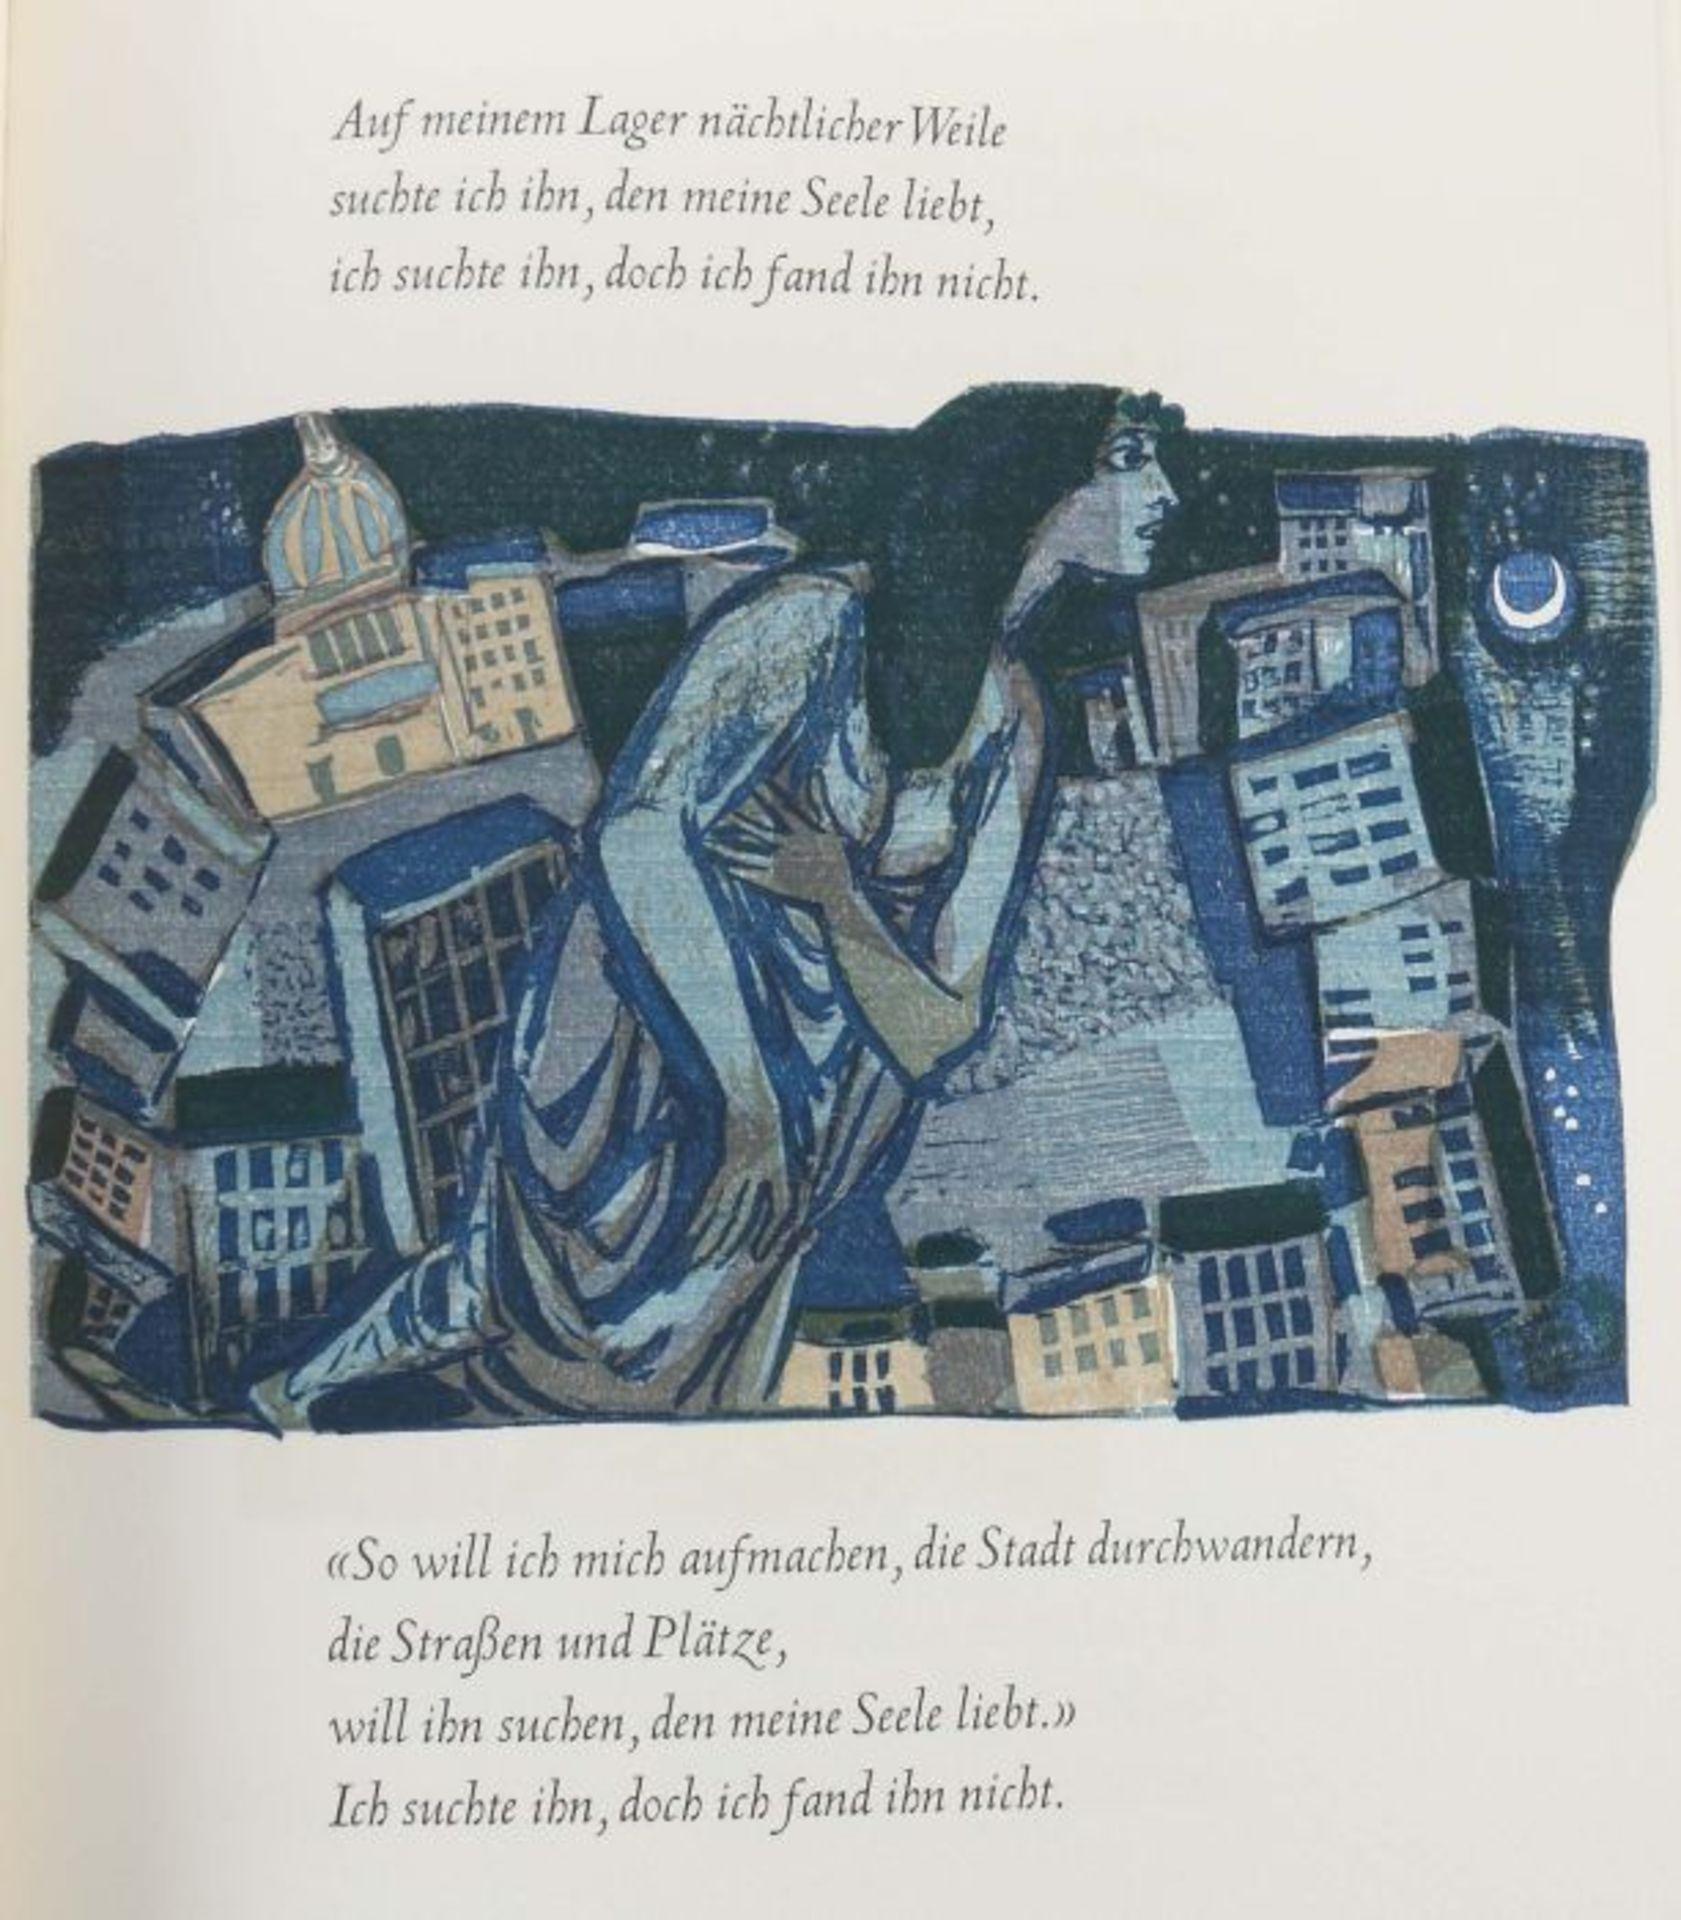 Hoffmann, Felix Das Hohe Lied - Das schönste der Lieder Salomos, Zürich/Stuttgart, Flamberg, 1964, - Bild 3 aus 5